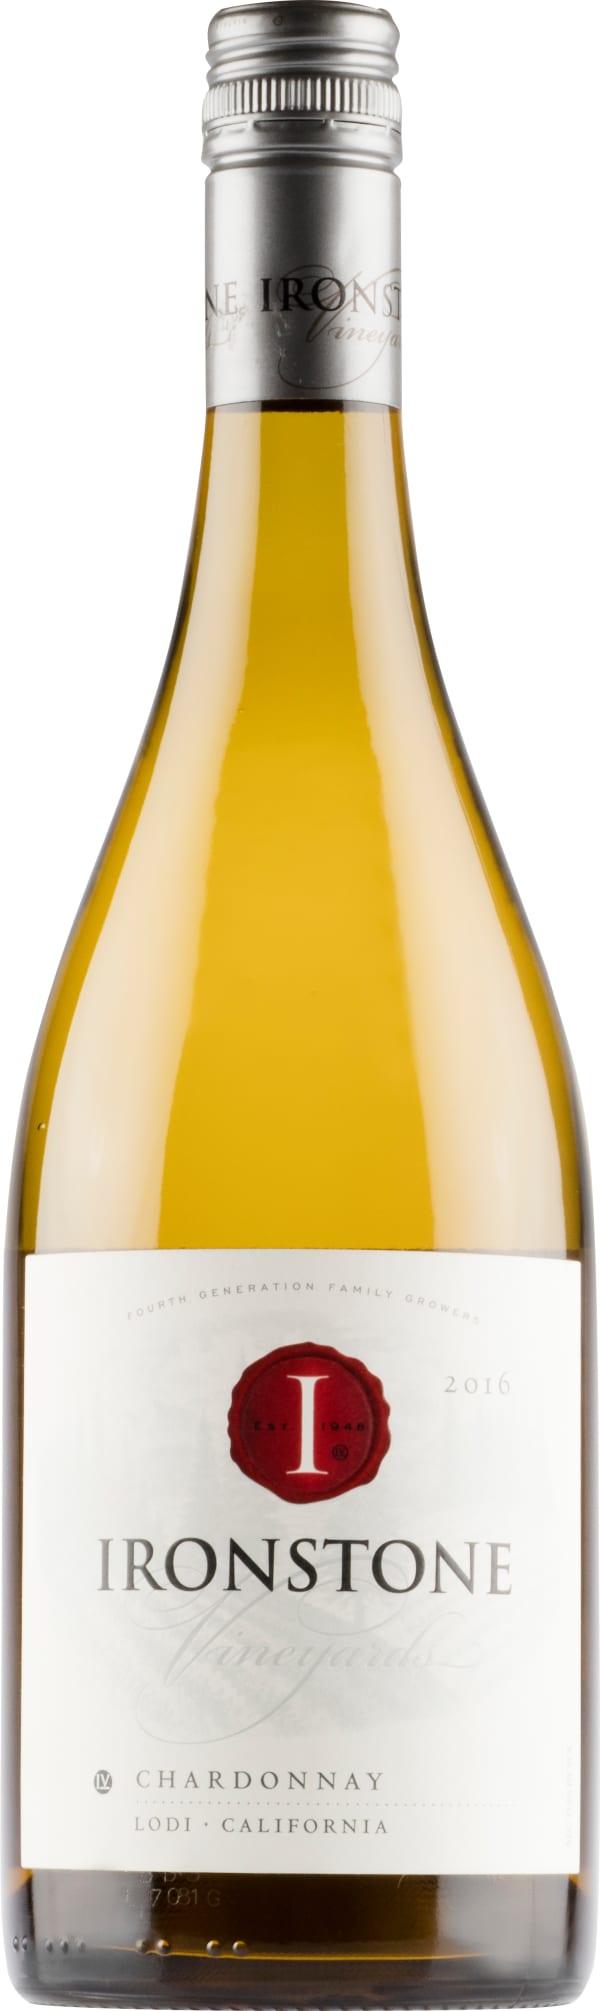 Ironstone Chardonnay 2017